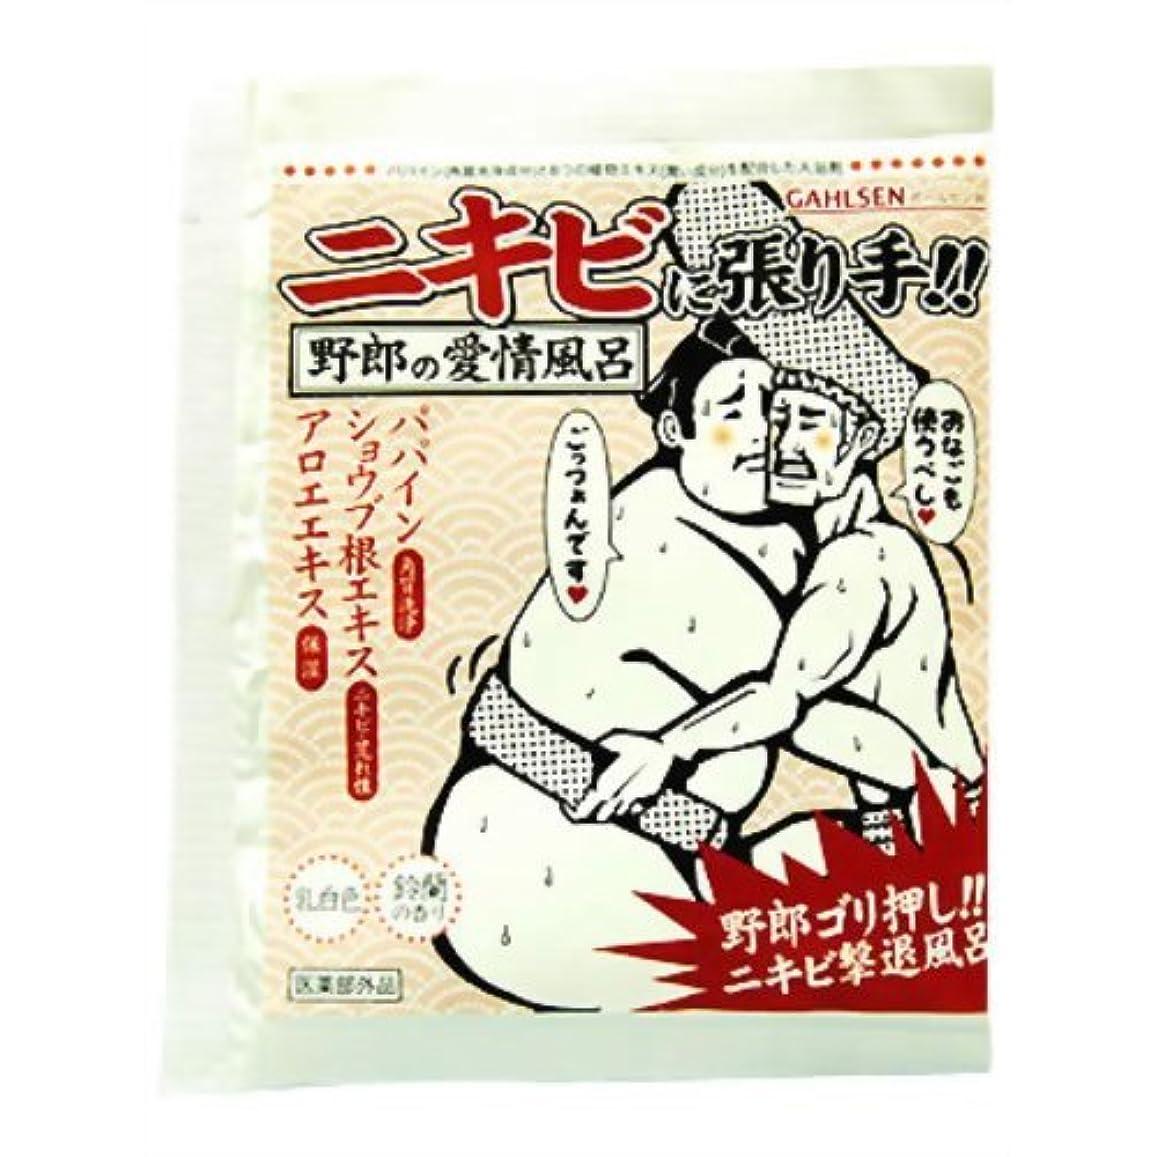 プラスチック取り消す広大なガールセンW 25g*10袋(入浴剤)